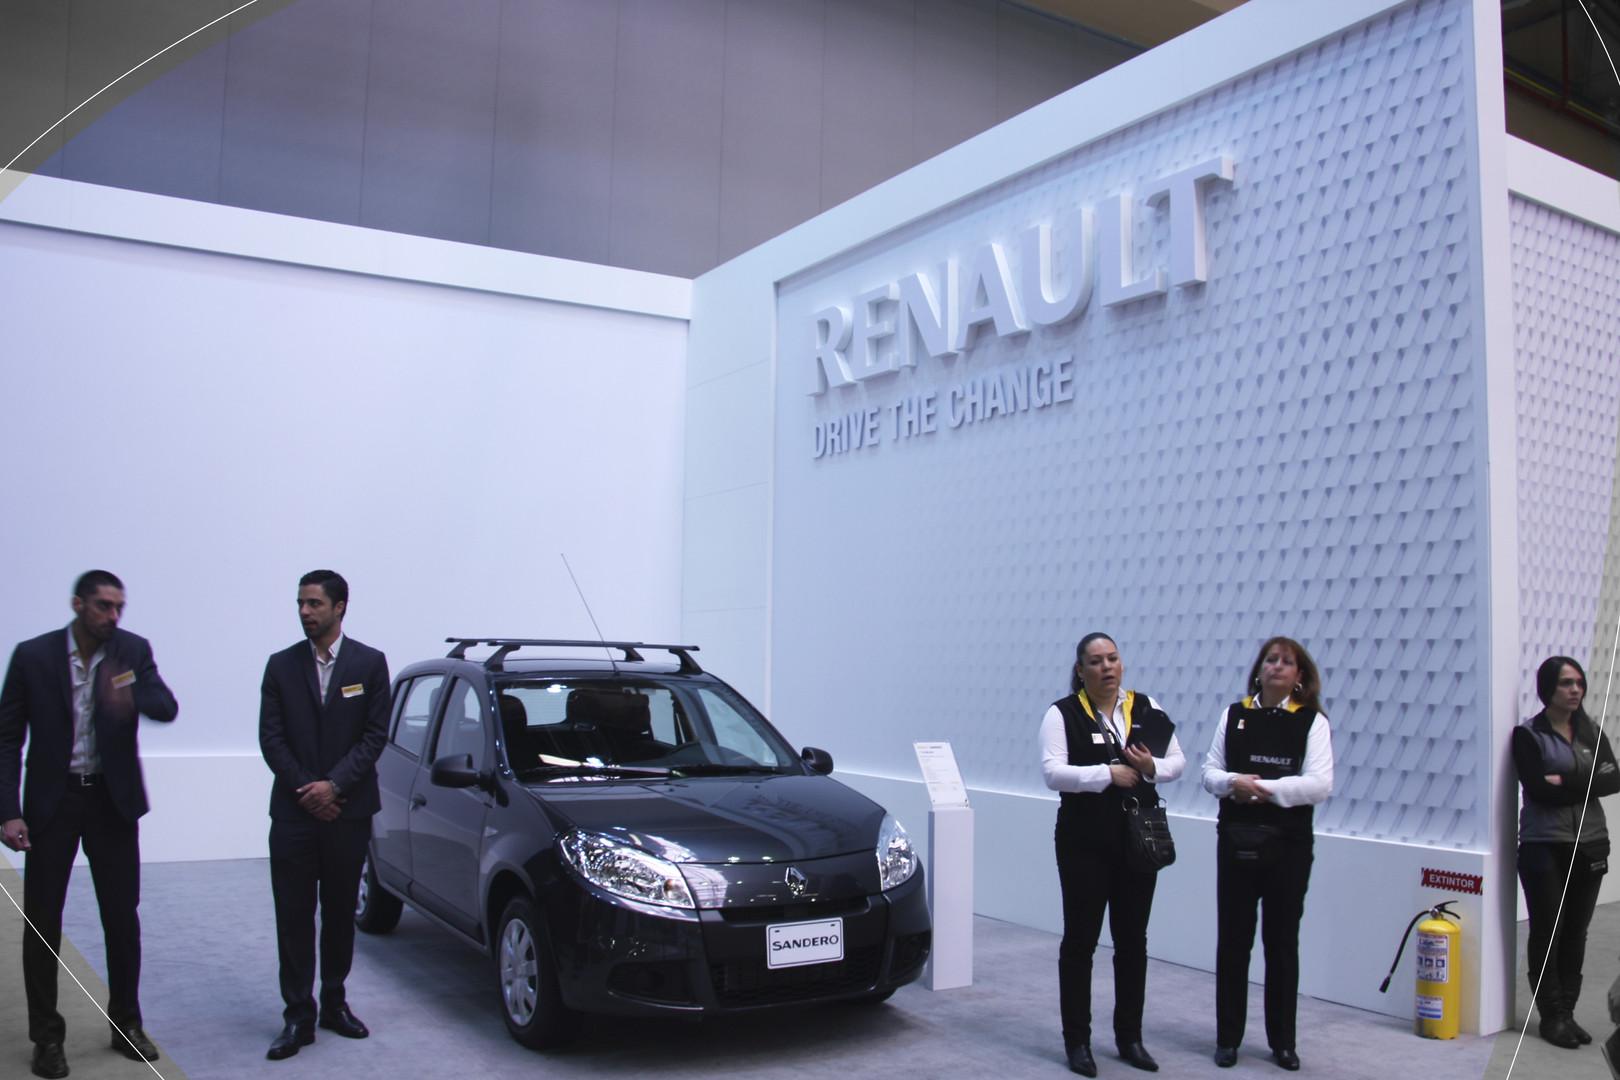 Renault 2012-11-16 11.06.13.jpg